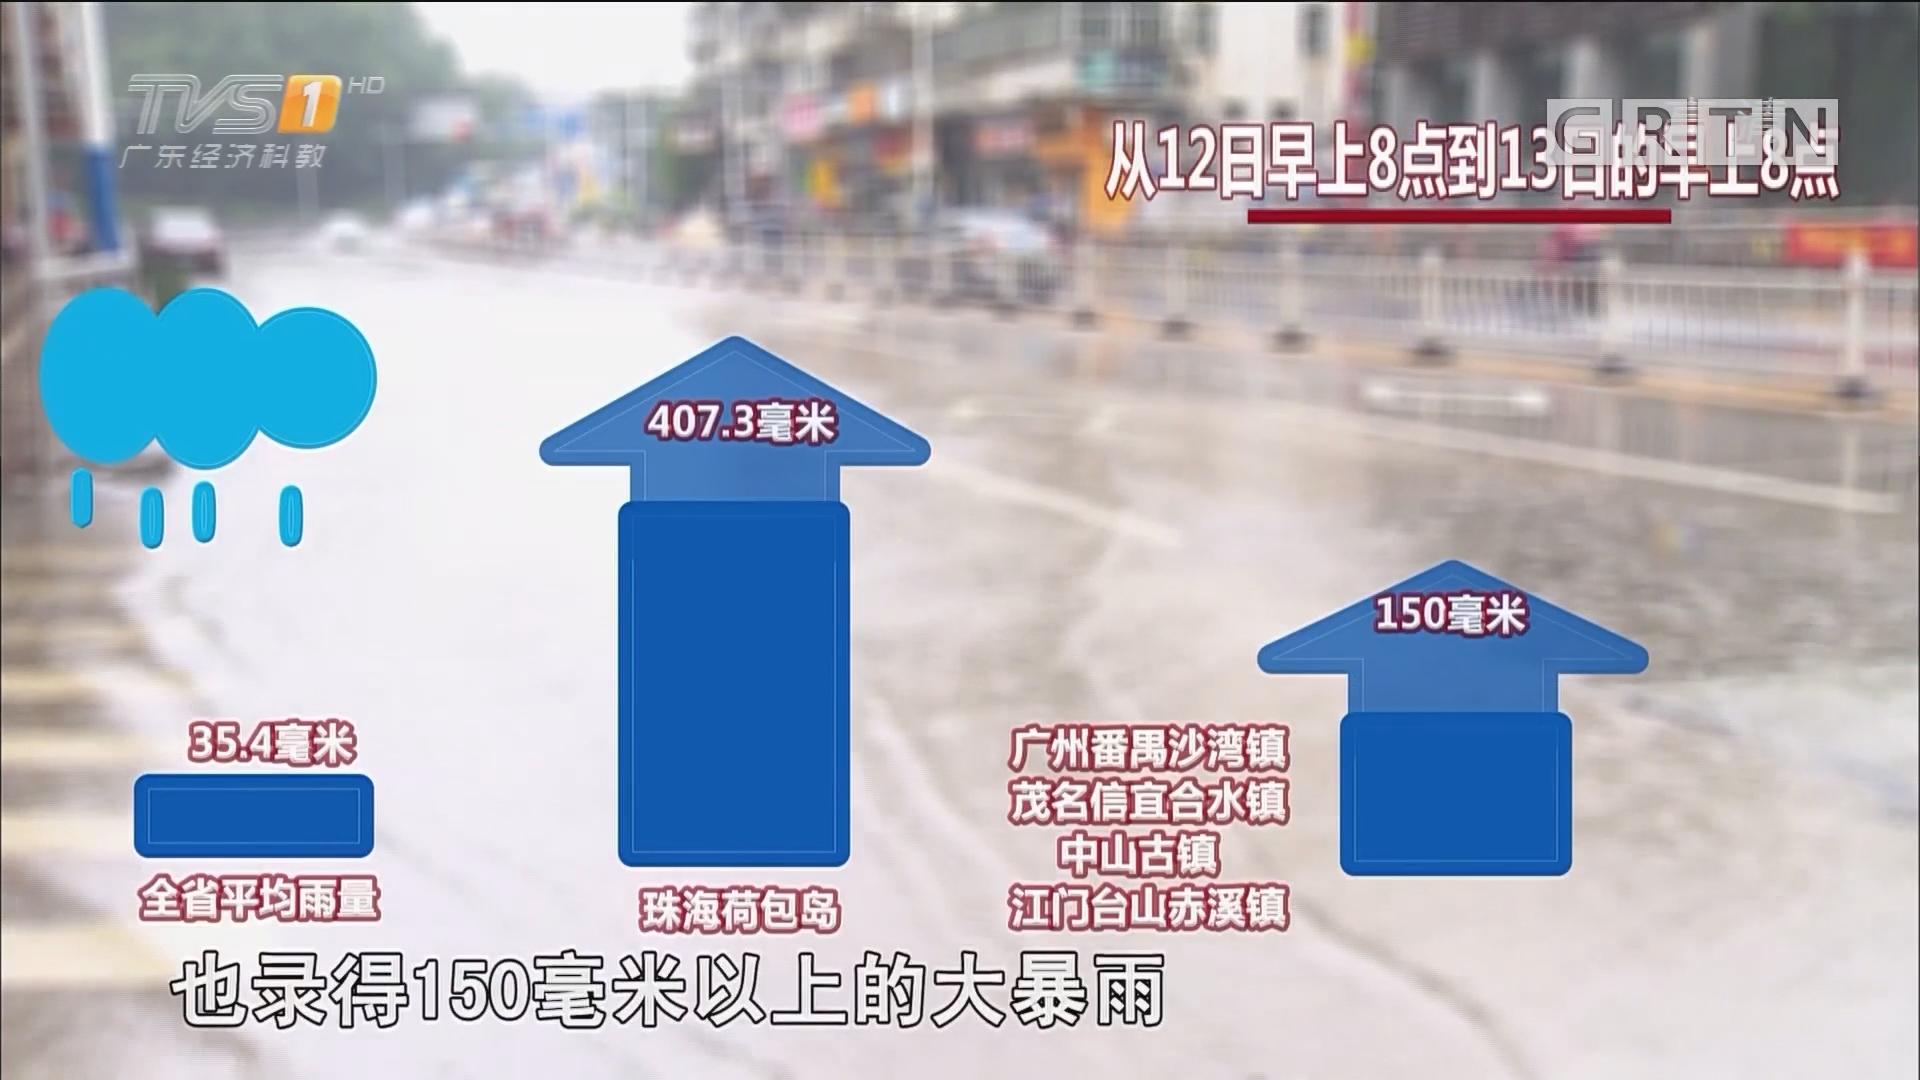 凶猛龙舟水来袭:雷暴雨大风再袭广东